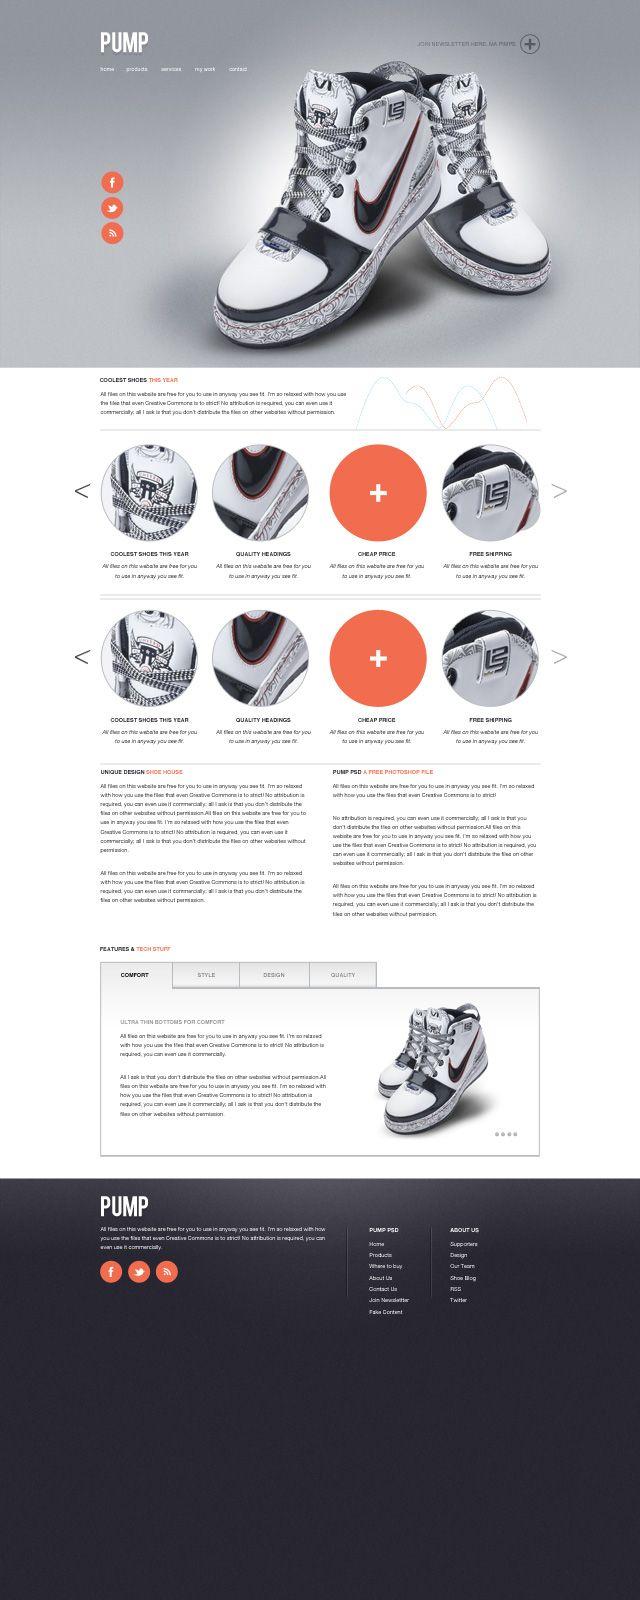 Vous pouvez �galement voir de belles sources d'inspiration sur http://www.agence-web-lausanne.com